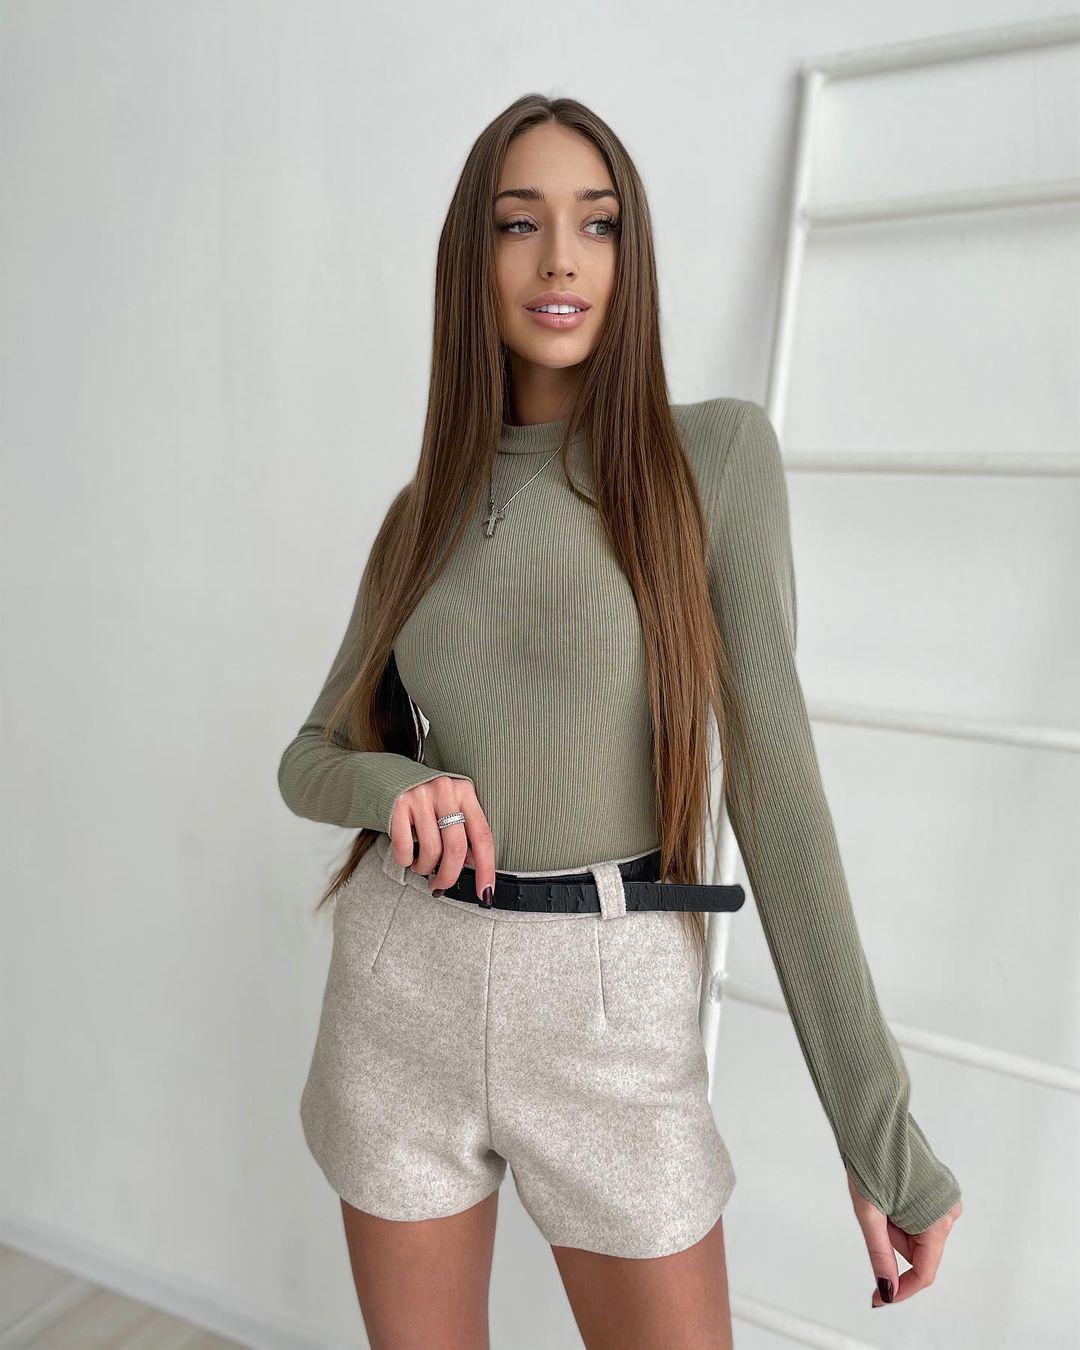 Ksenia-Stefanenko-Wallpapers-Insta-Fit-Bio-2